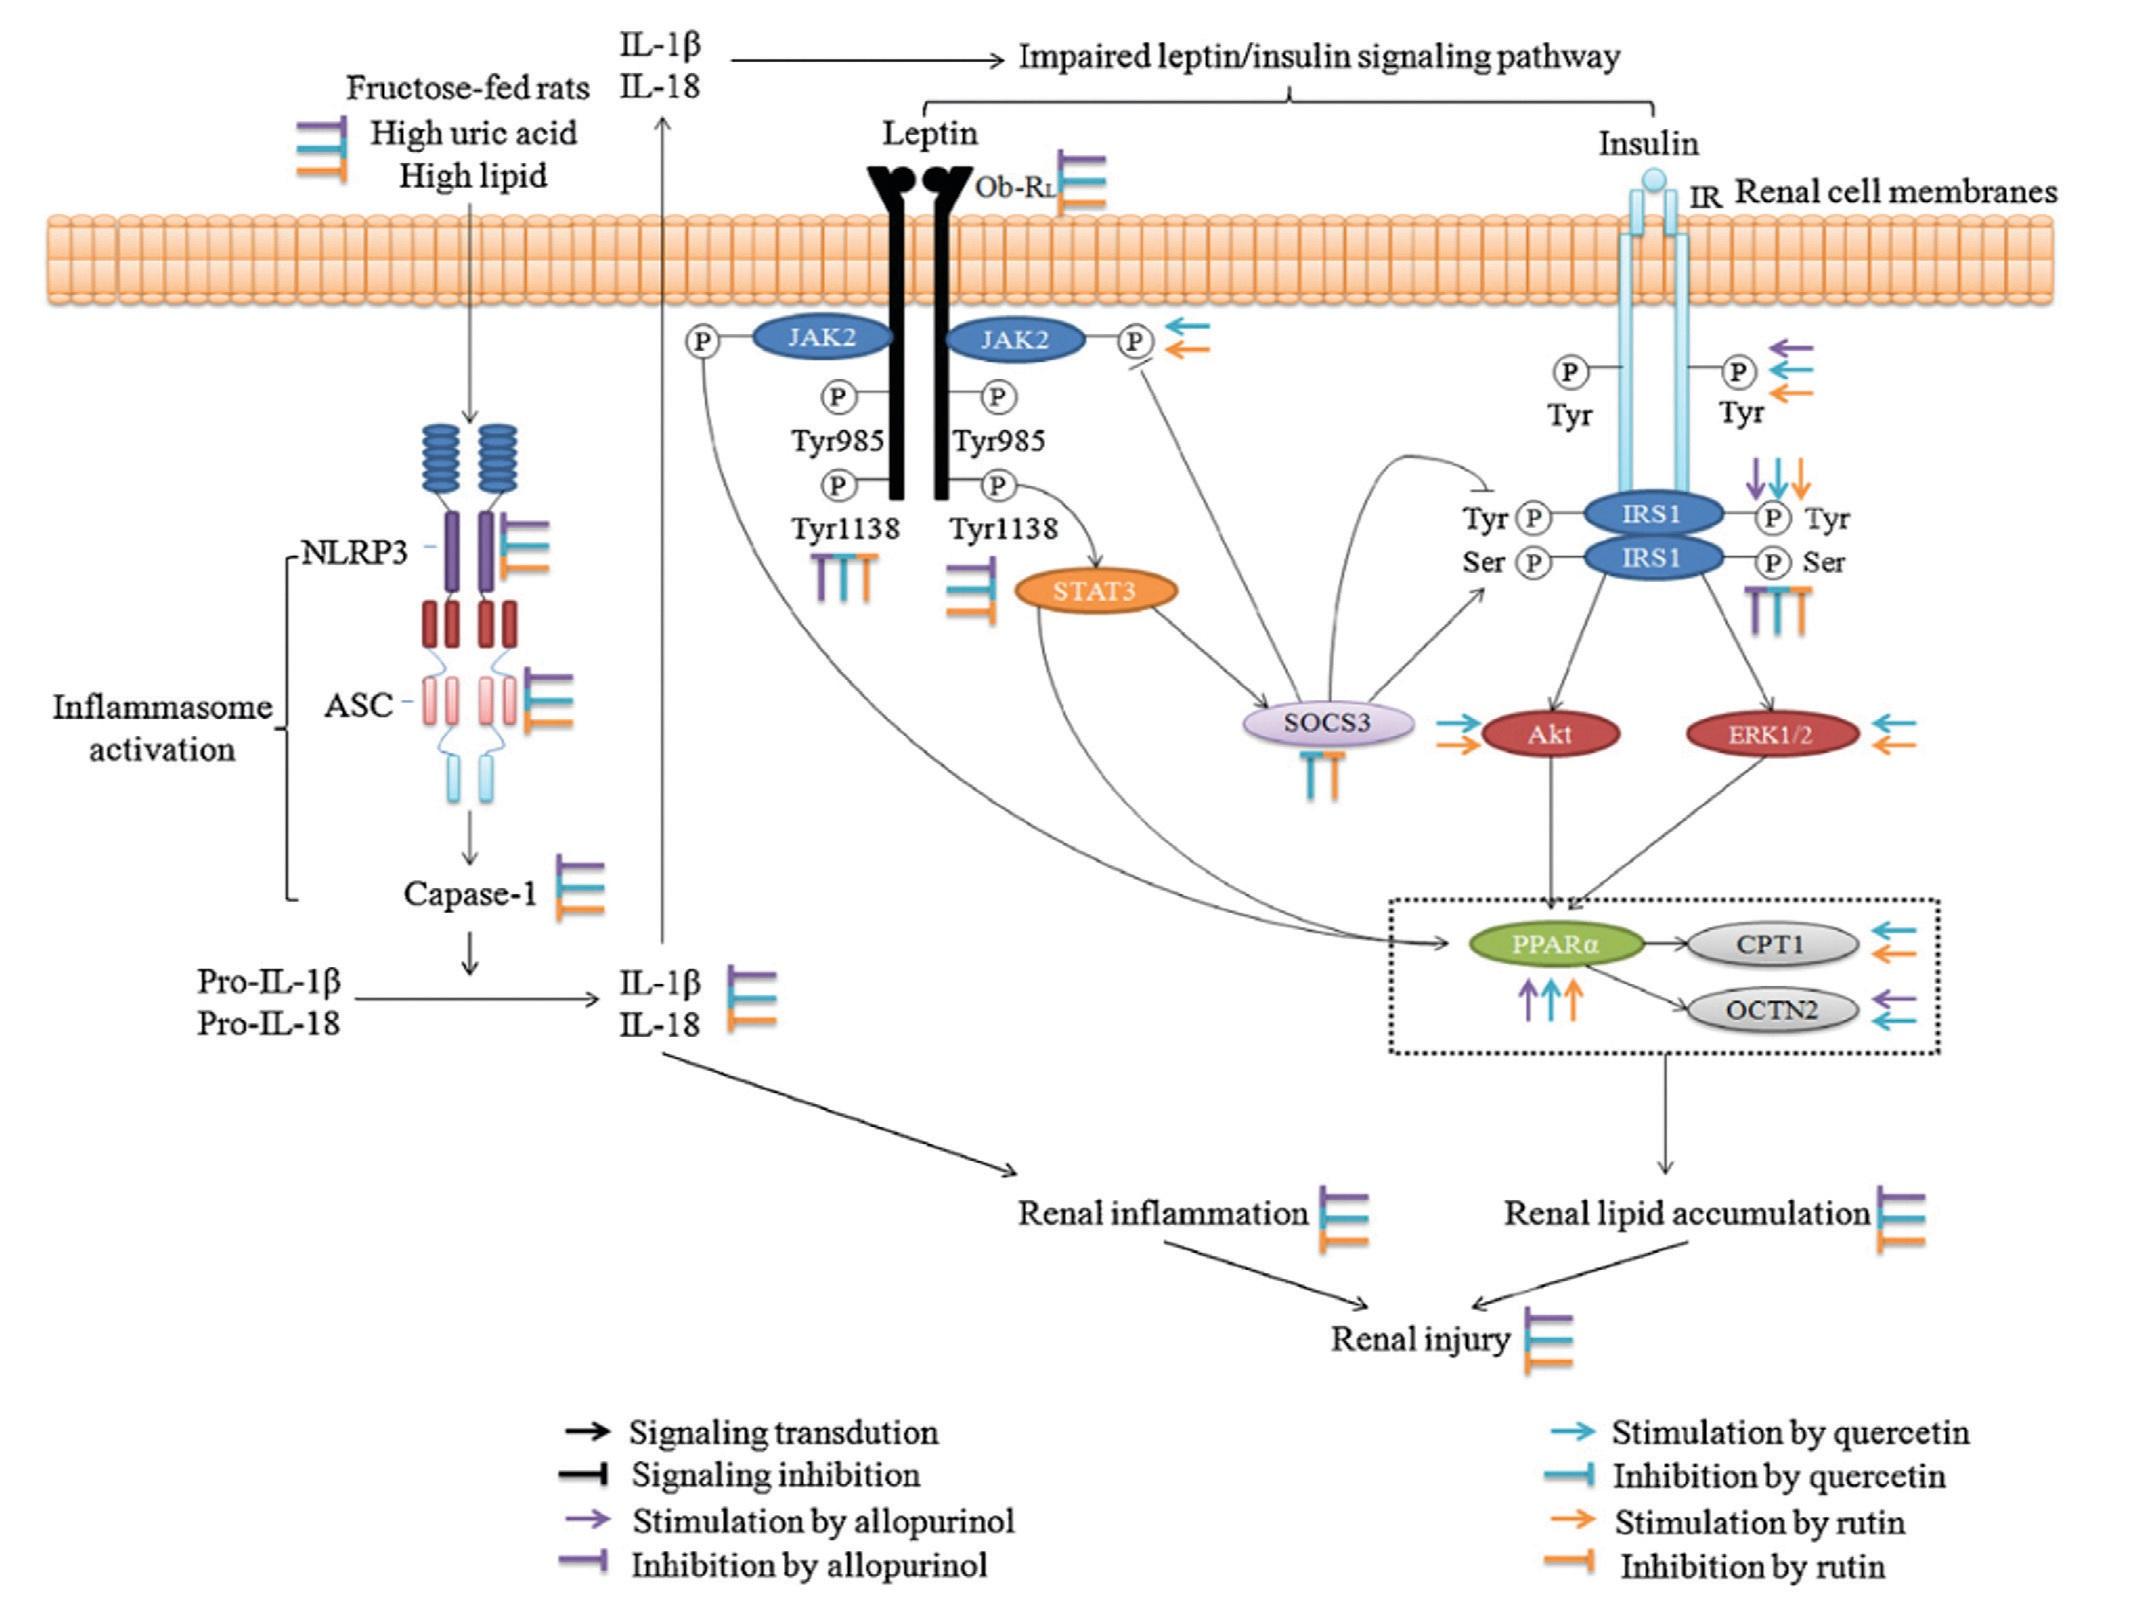 Схематическое изображение механизма, с помощью которого аллопуринол и кверцетин предотвращают почечное воспаление и накопление липидов у лиц, получавших фруктозу. Взято из J. Huang et al. 2012 [33]